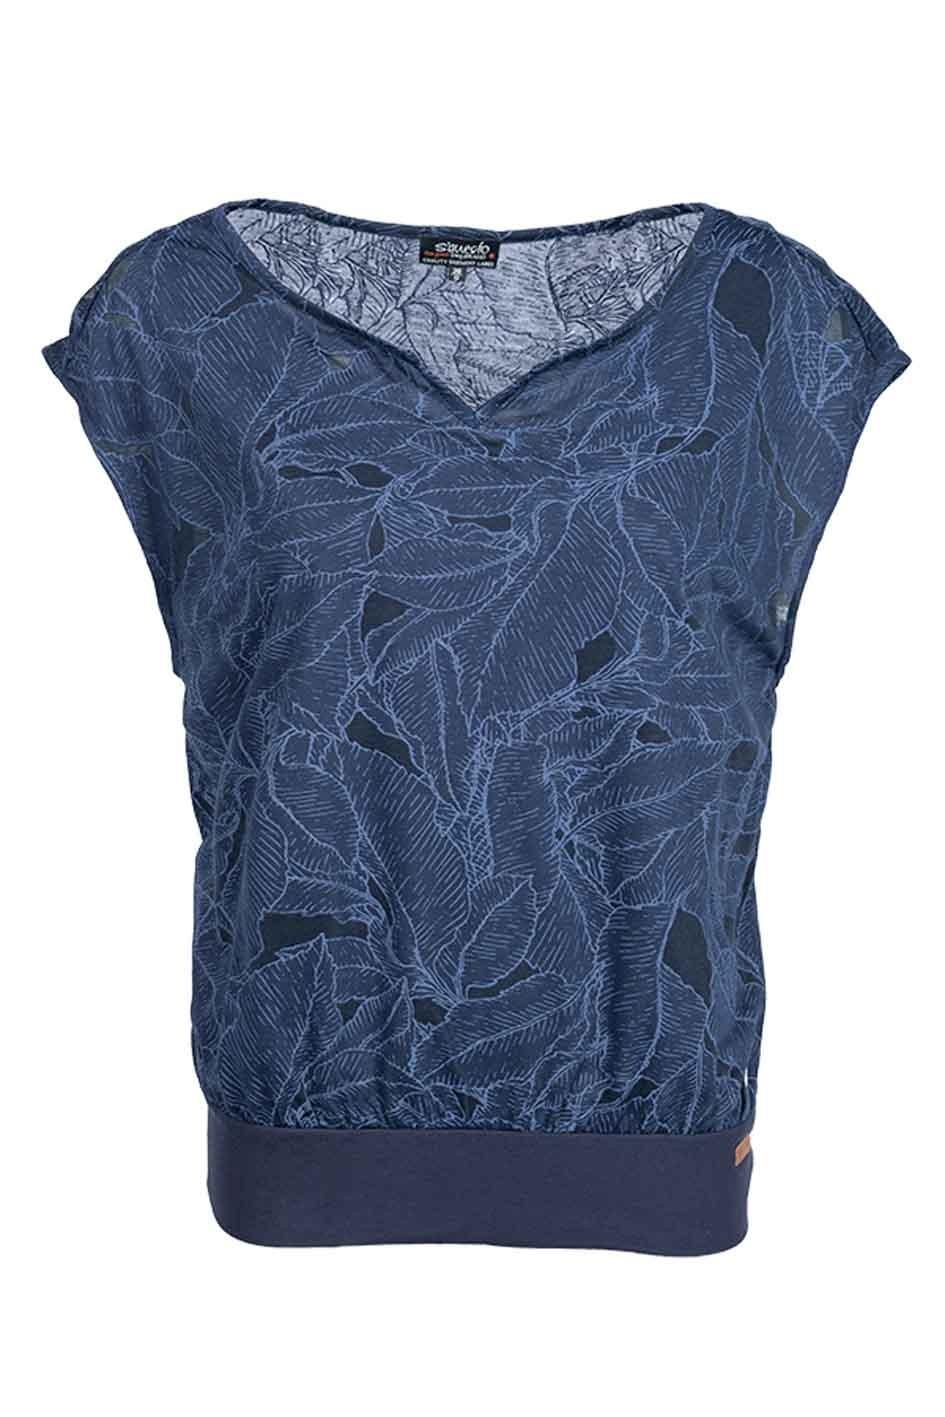 Soquesto Shirt Irene